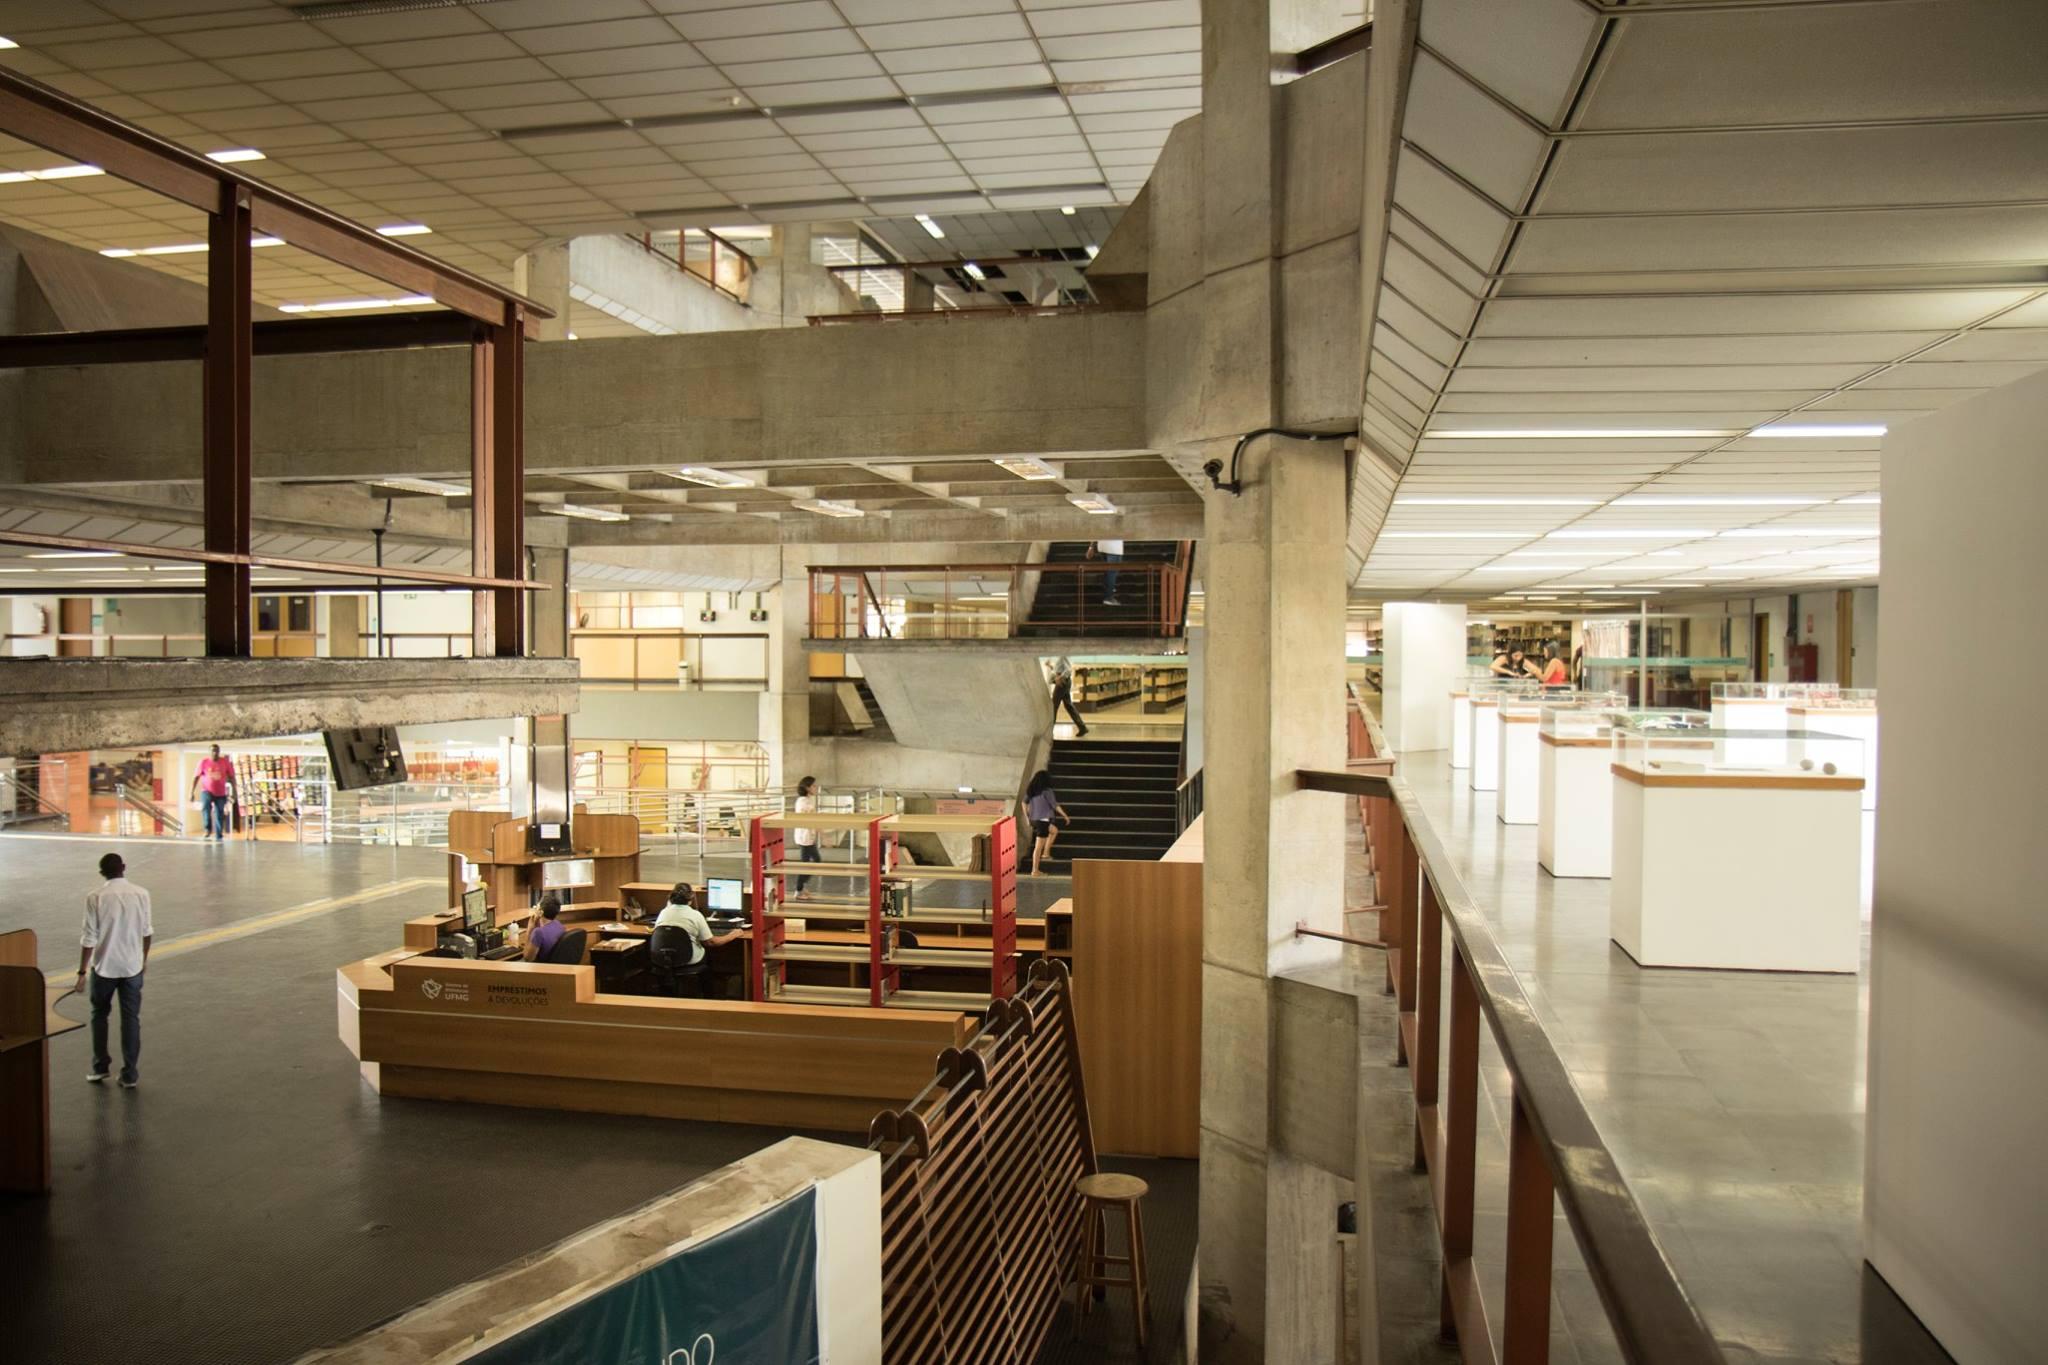 Exposição sobre a UFMG na Biblioteca Central articula 'passado, presente e inovação'